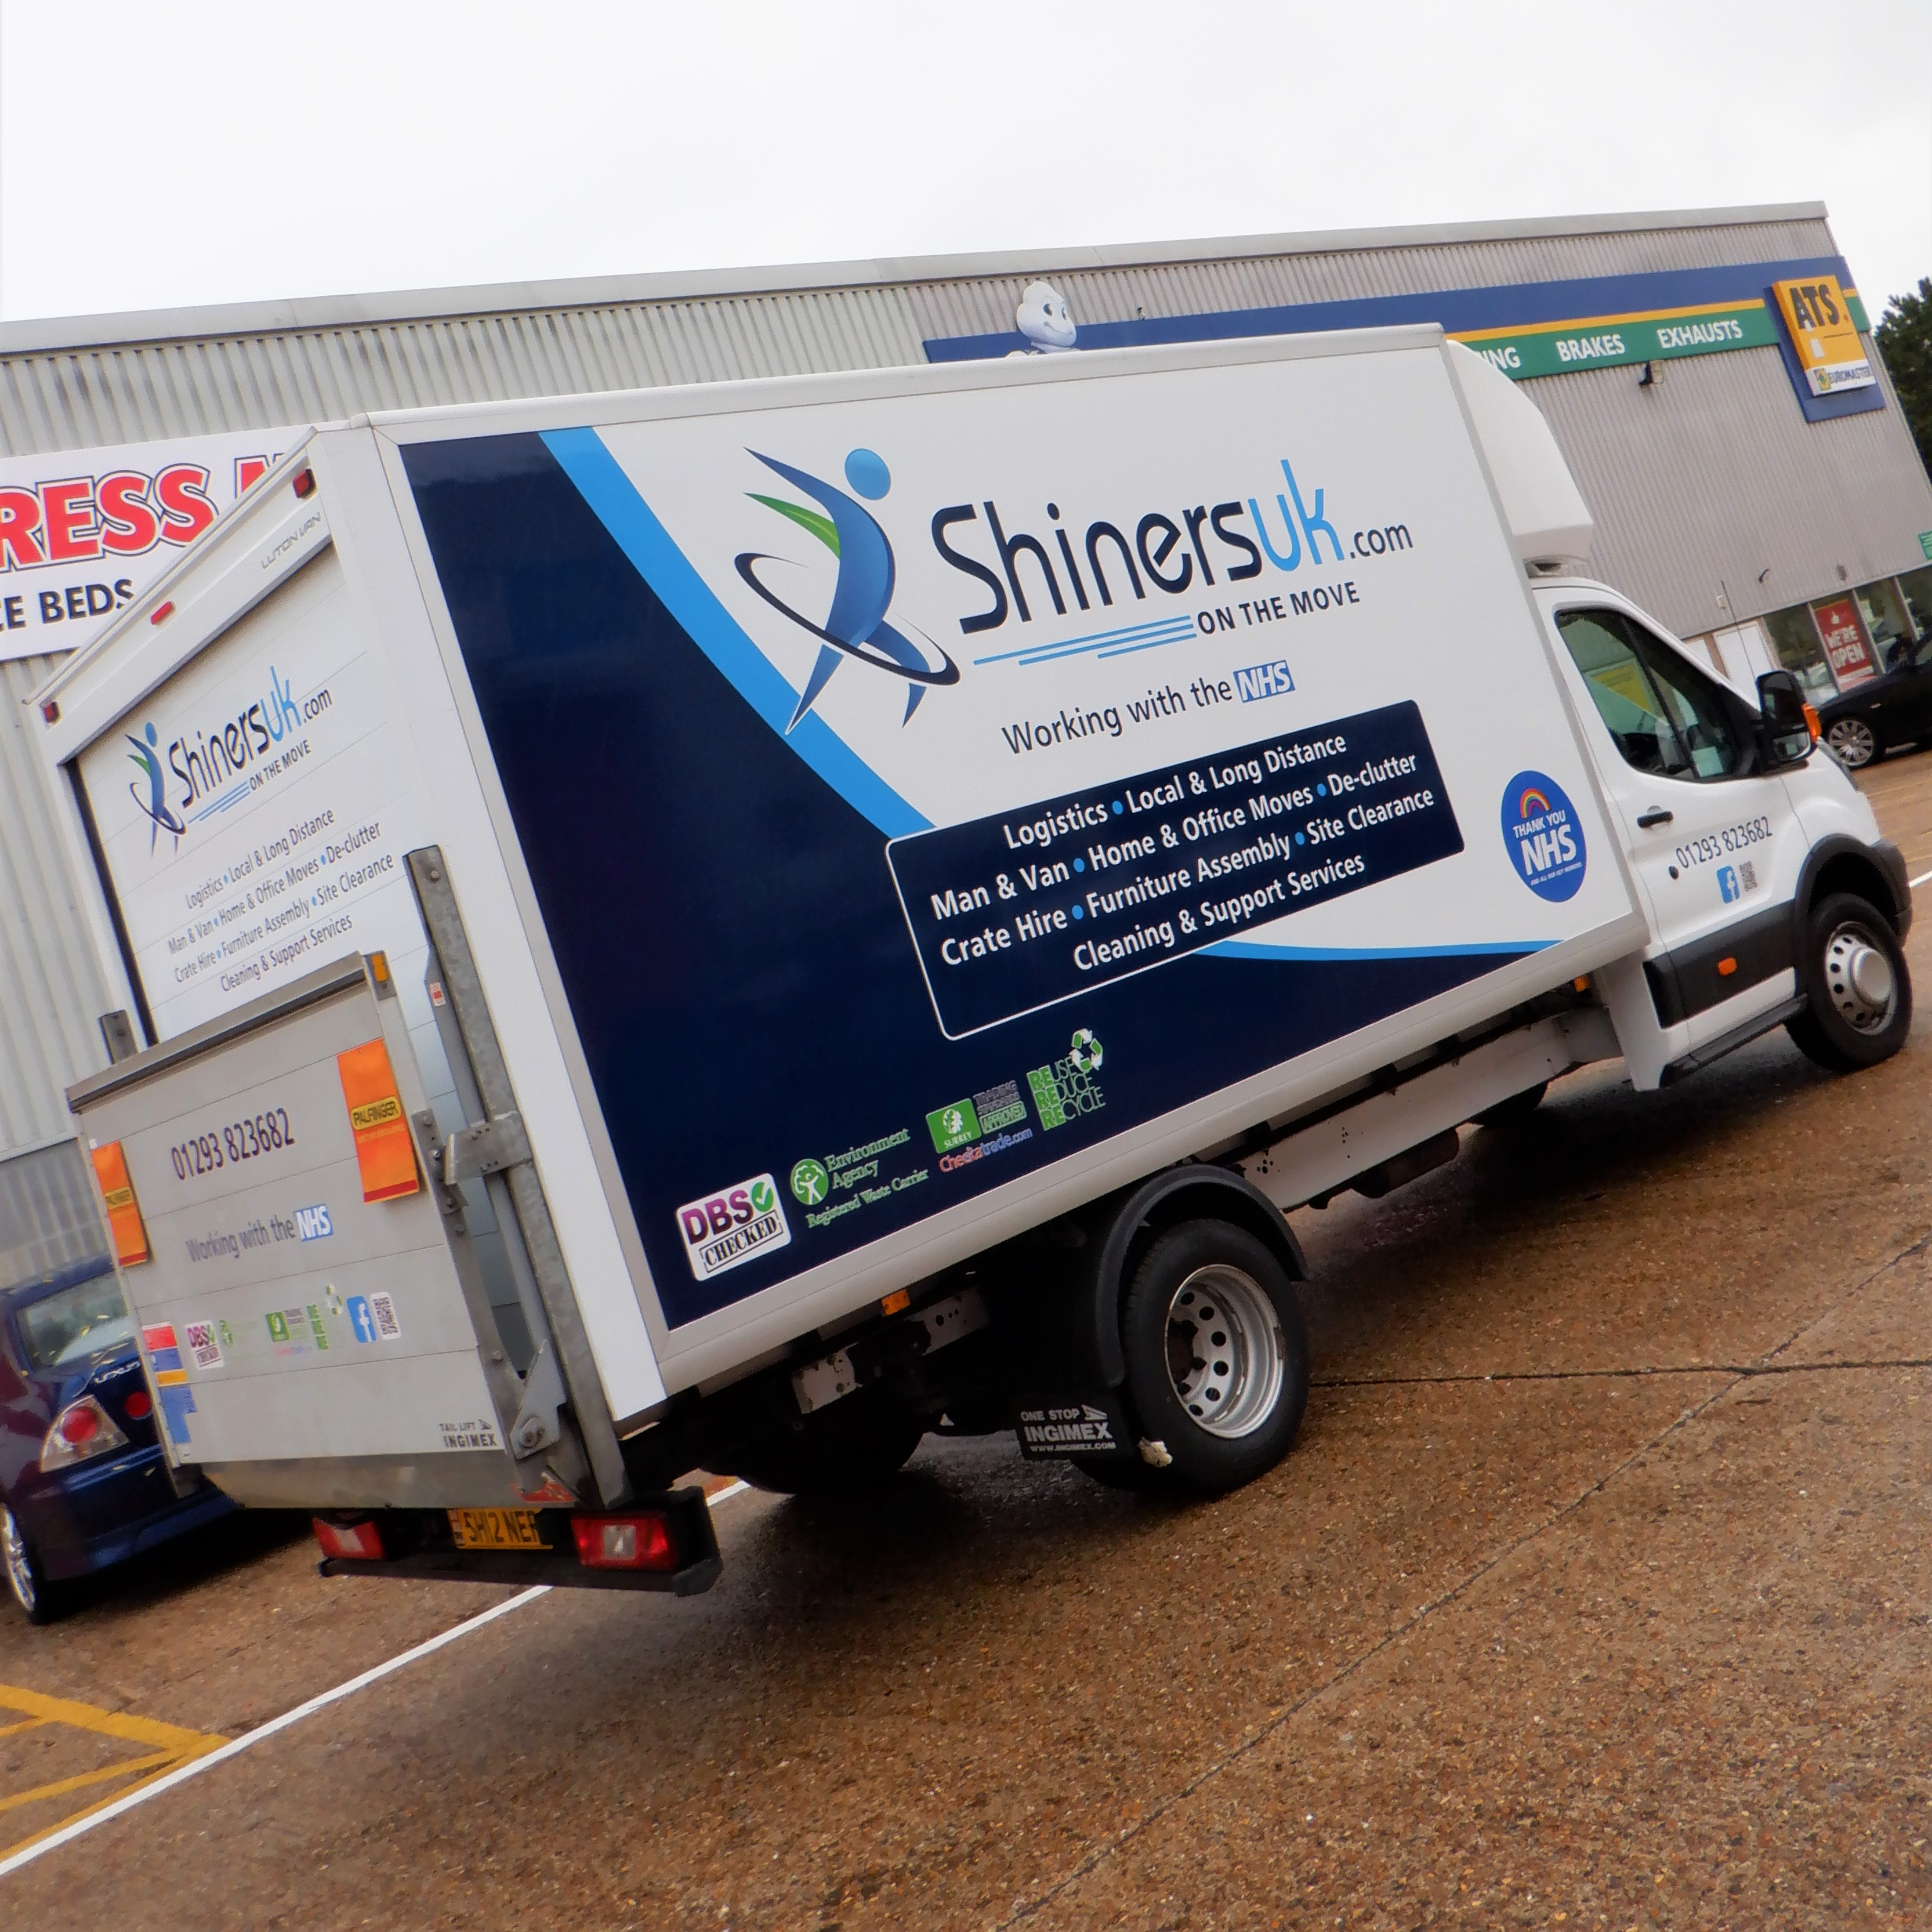 SHINERS UK